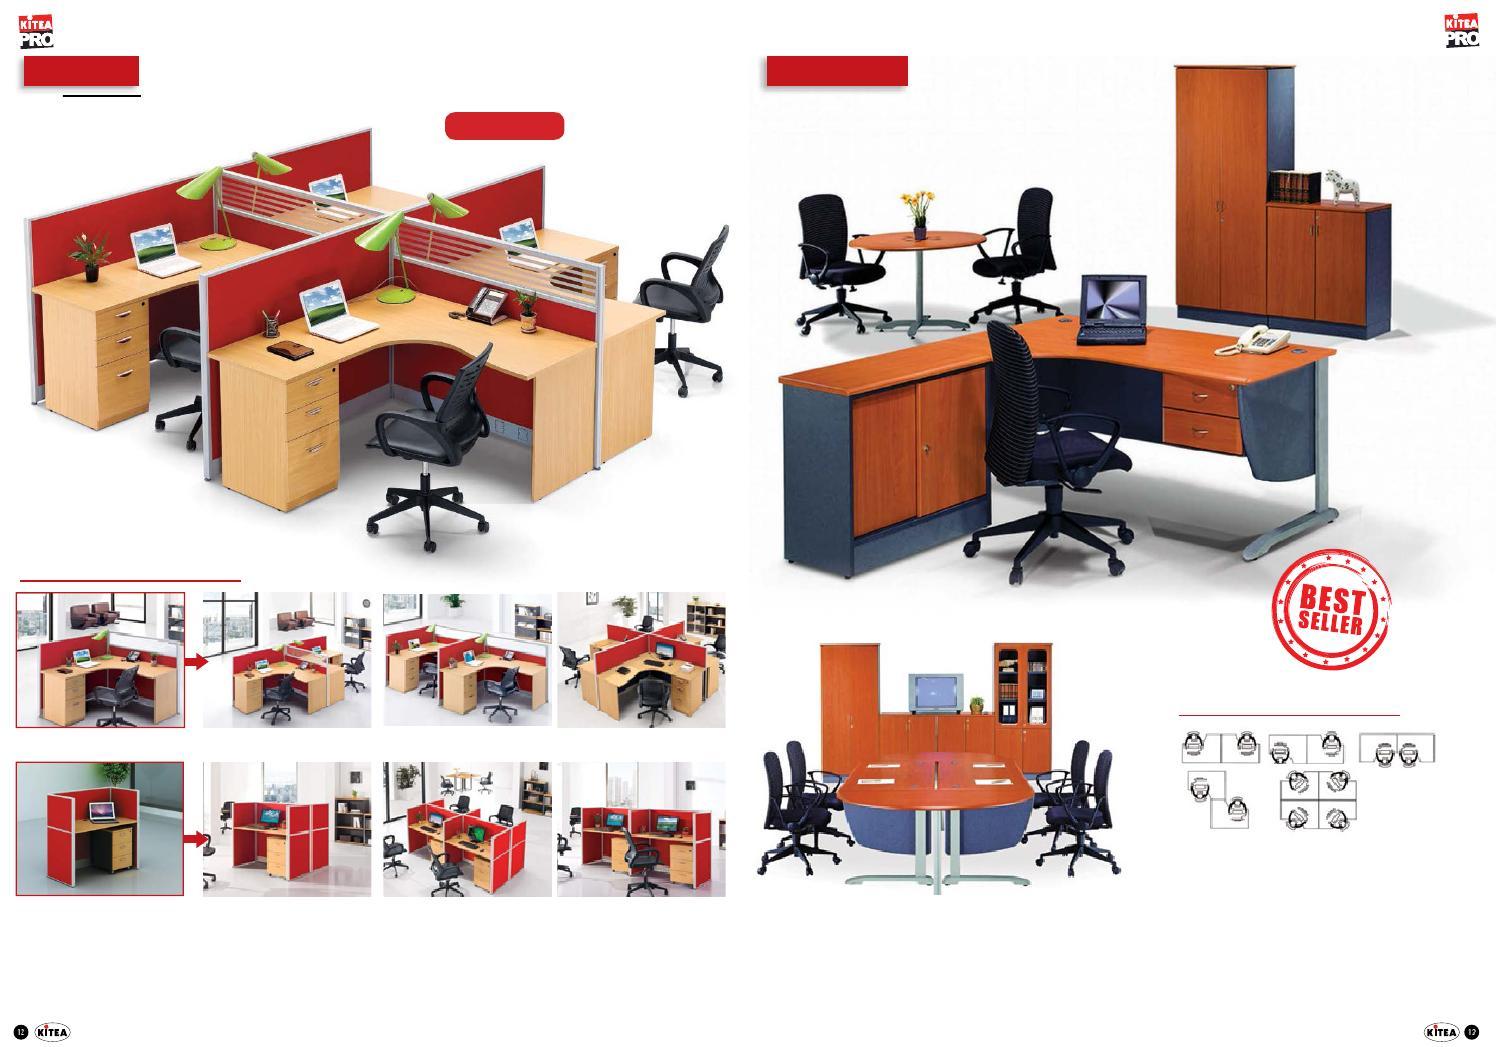 Mobilier bureau kitea maroc cobureau mobilier de bureau